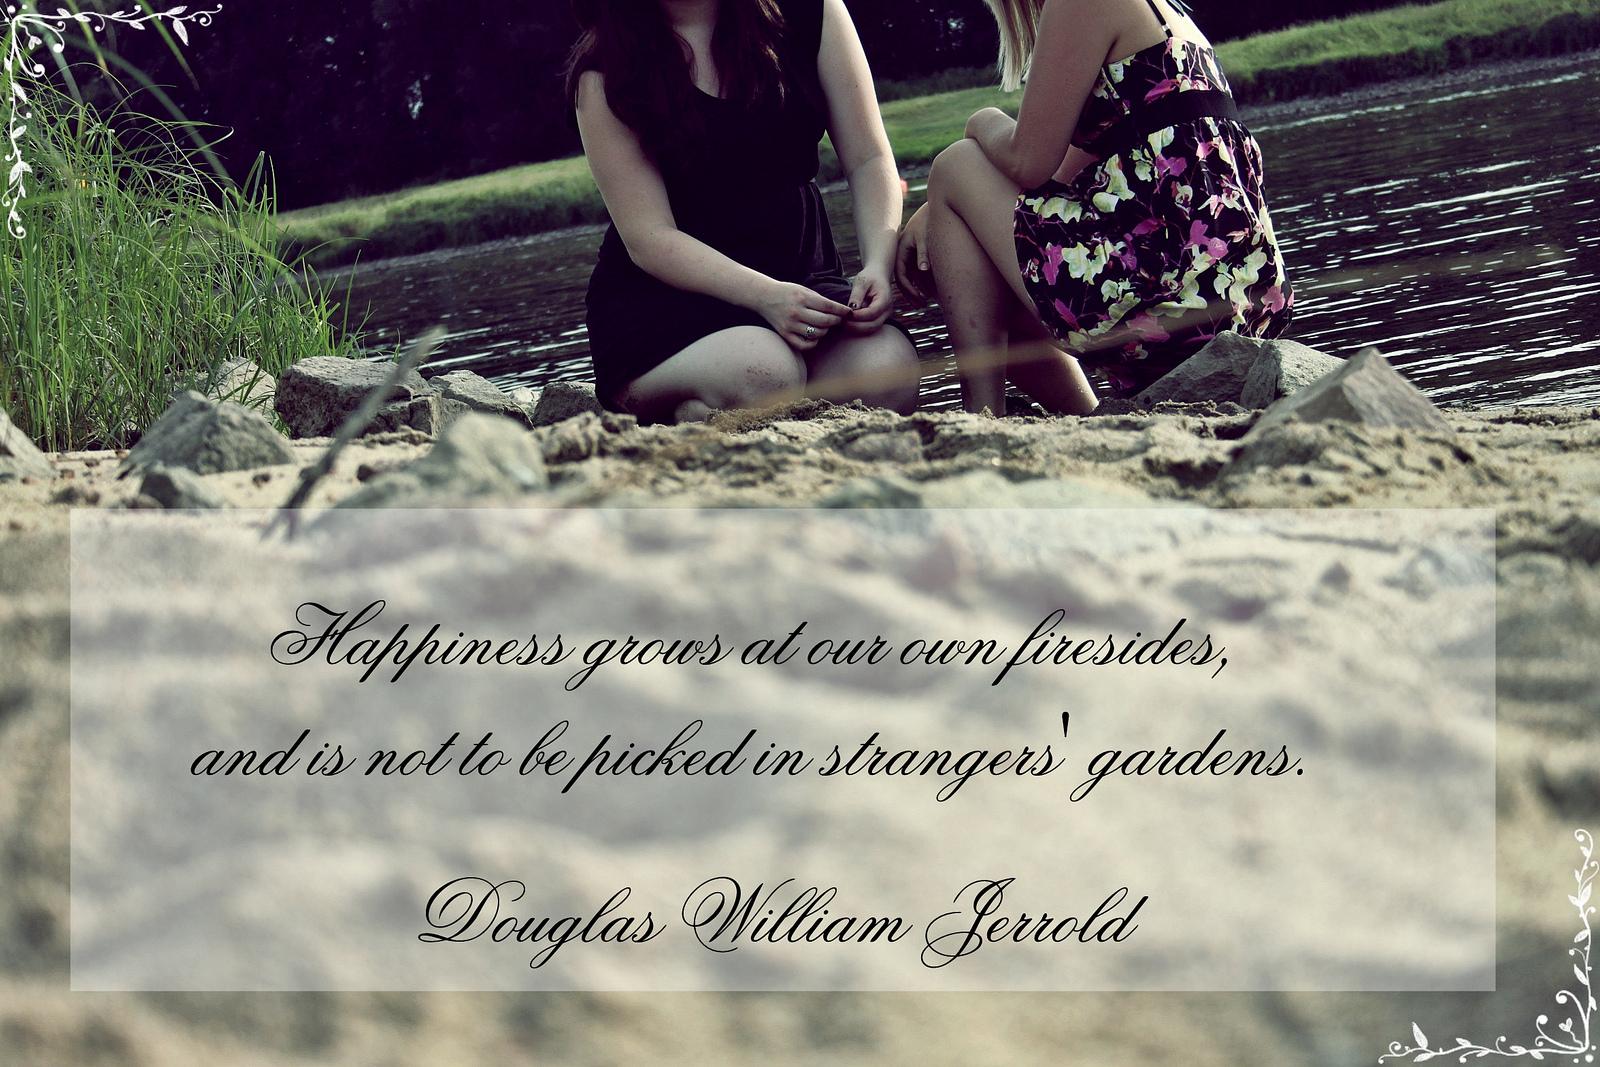 Douglas William Jerrold's quote #3